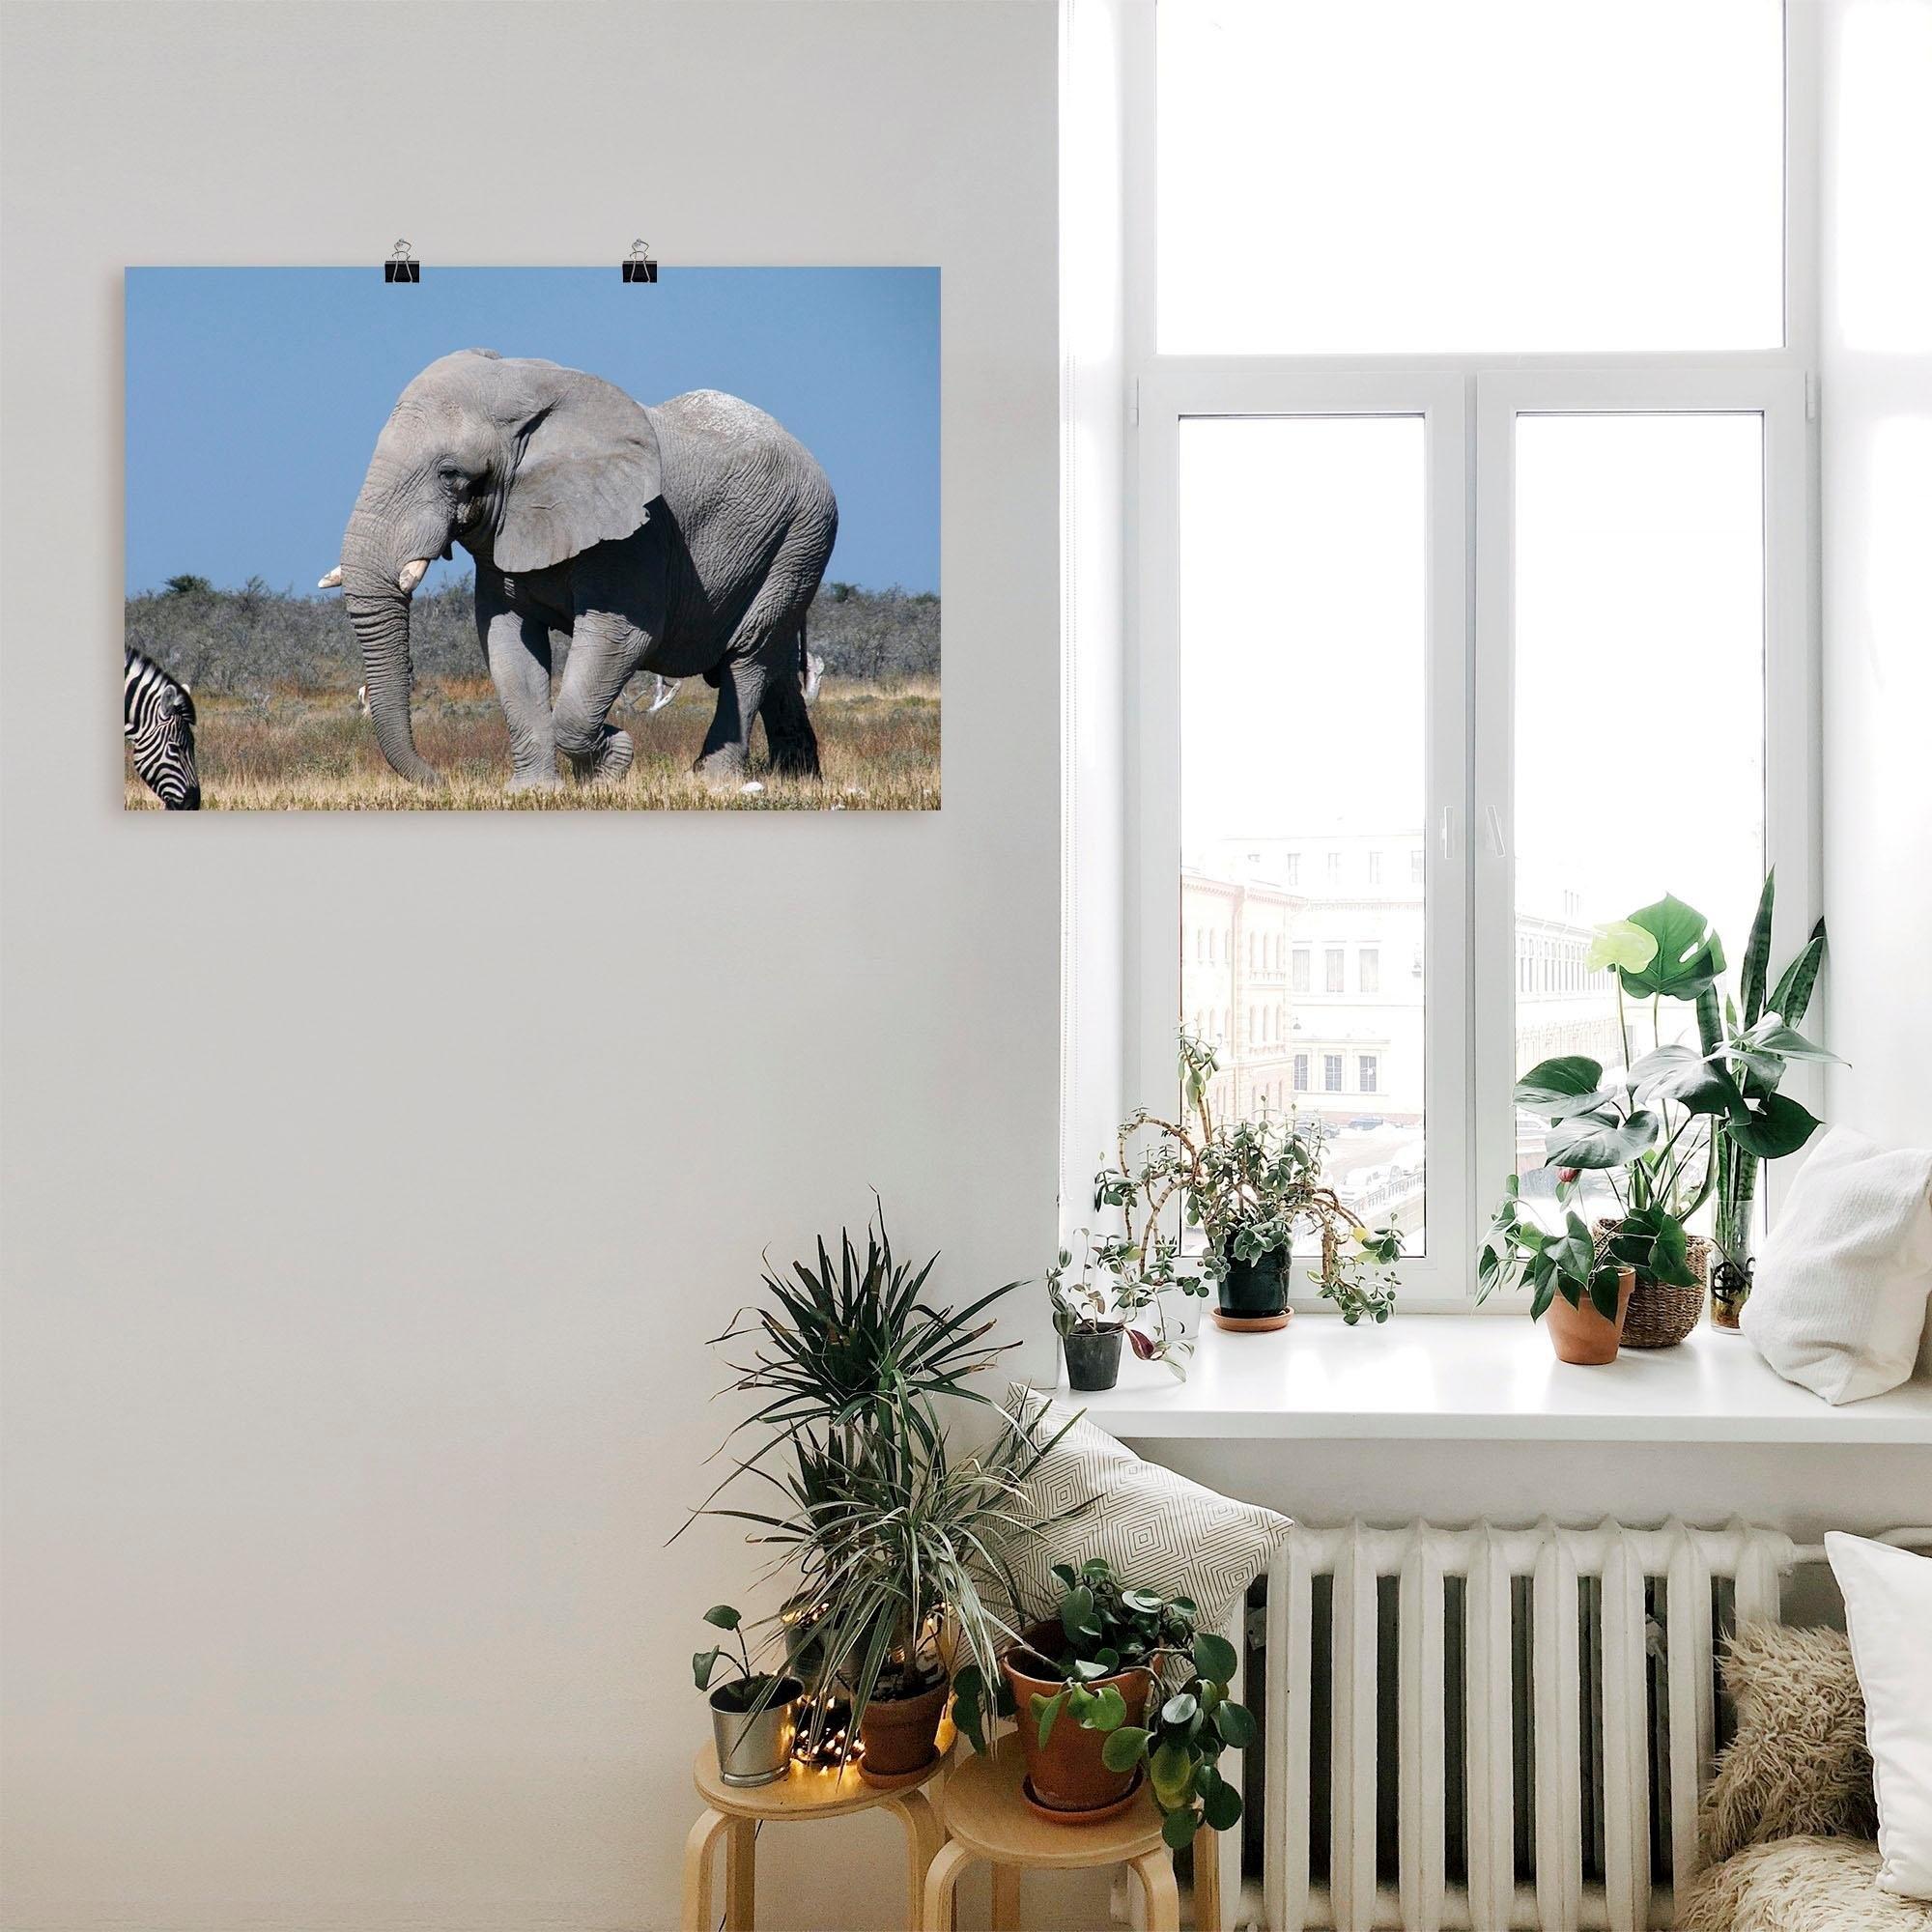 Artland artprint »Afrikanischer Elefant« bij OTTO online kopen